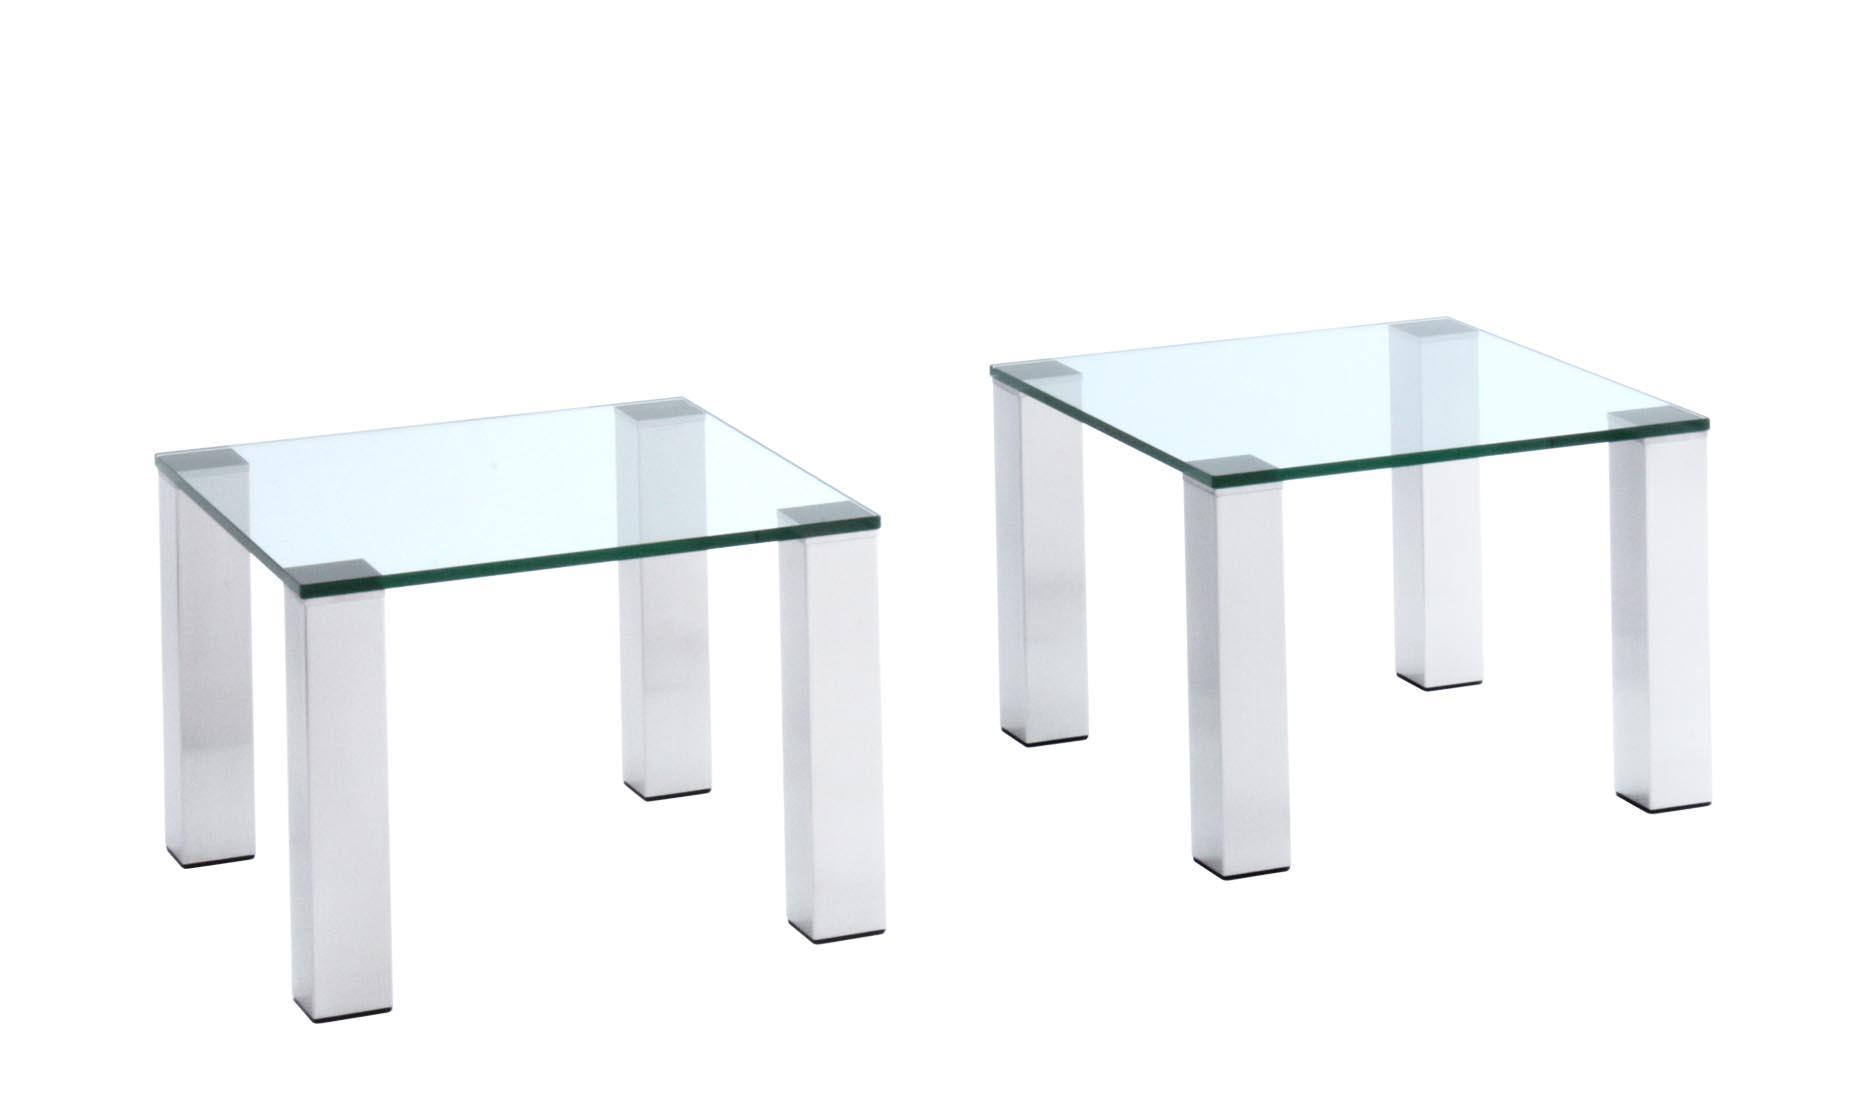 tischbeine fr glasplatte tischbeine fr glasplatte with tischbeine fr glasplatte beautiful gro. Black Bedroom Furniture Sets. Home Design Ideas